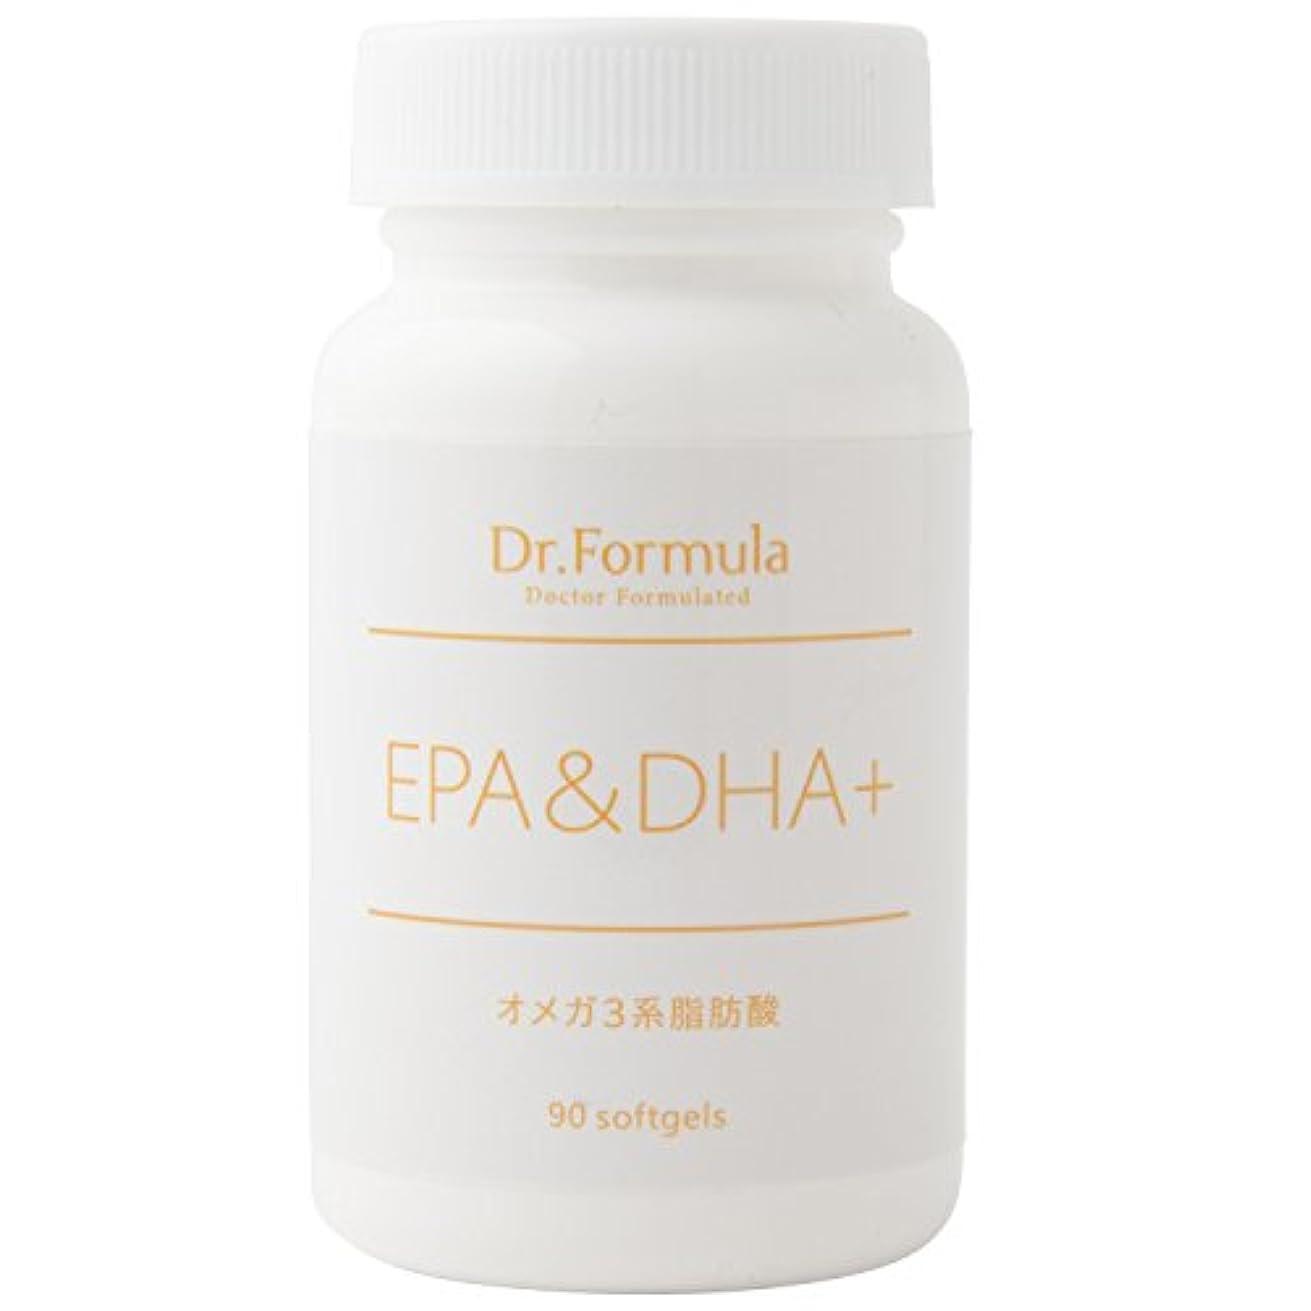 アレイ牧草地ピンクDr.Formula EPA&DHA+(オメガ 3系脂肪酸) 30日分 90粒 日本製 OMEGA3